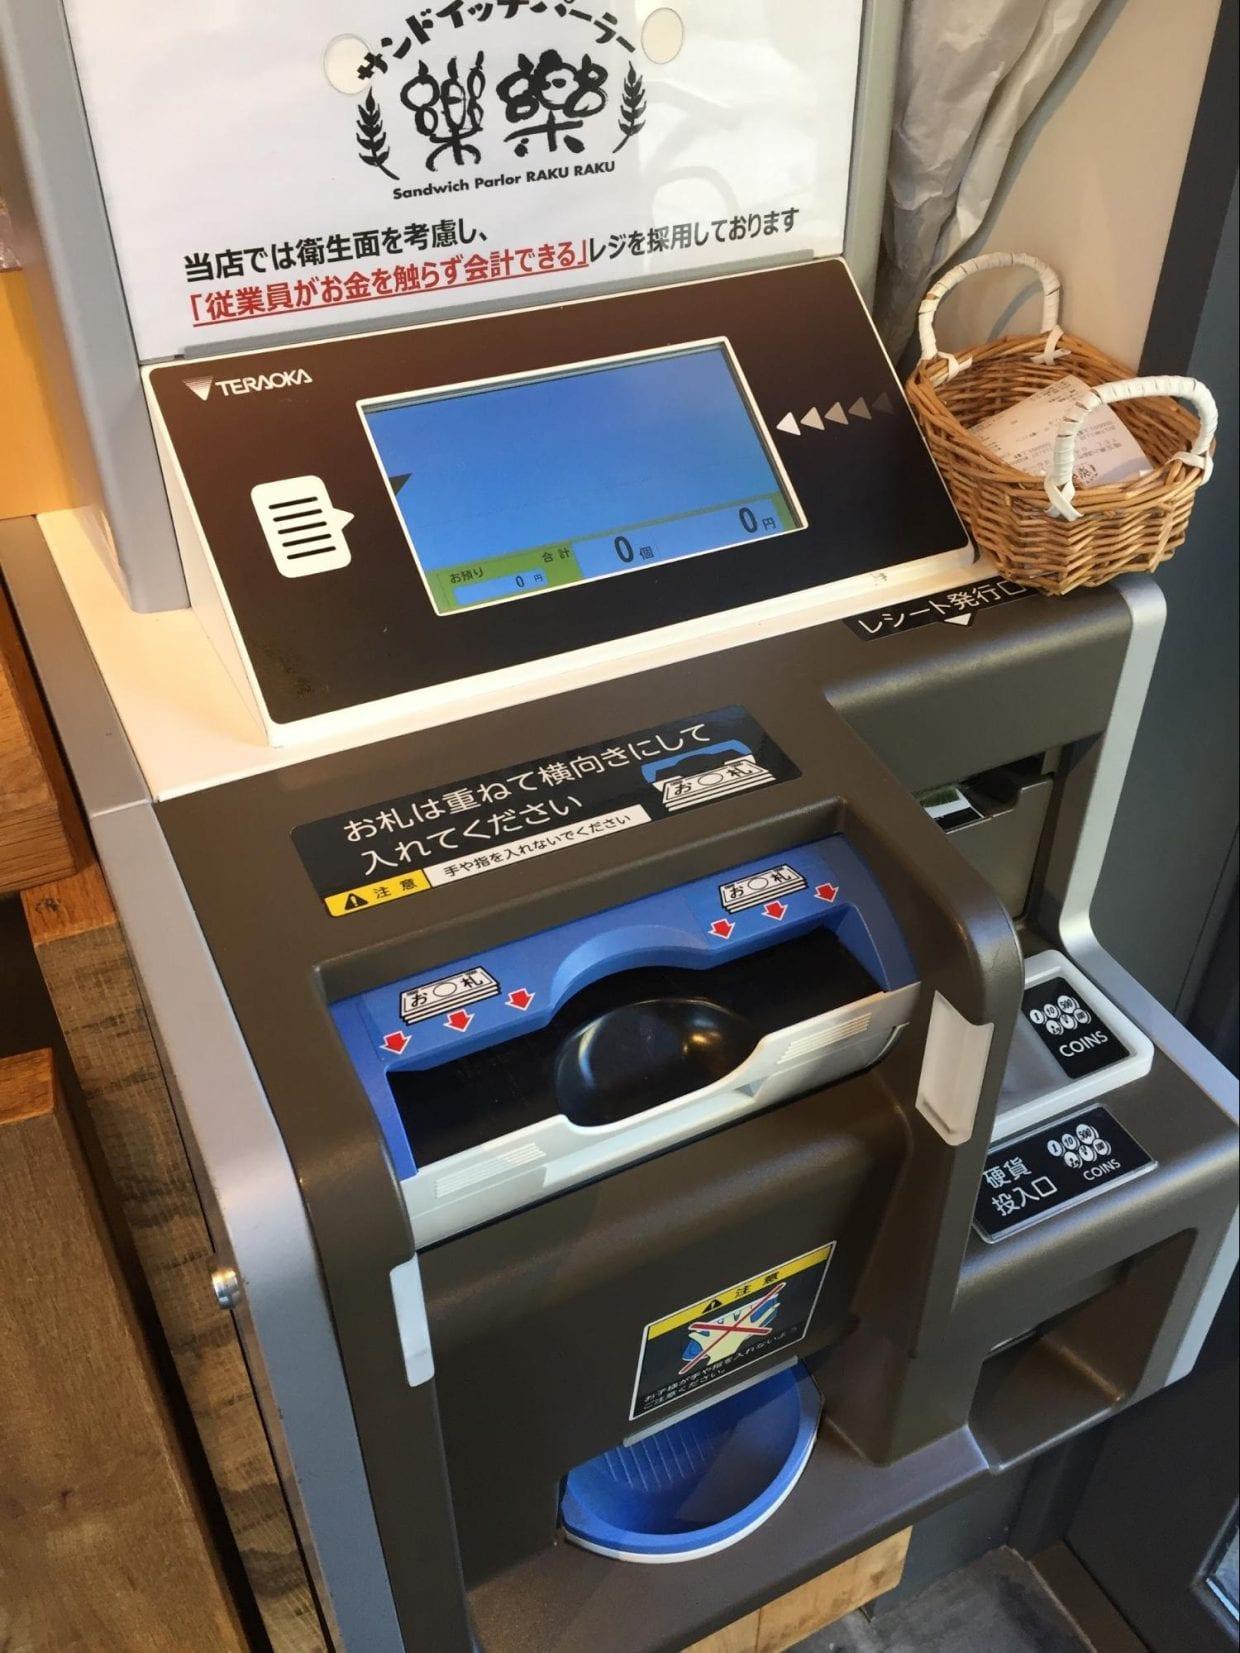 店員さんがお金に触れなくてもよいように、会計は機械で